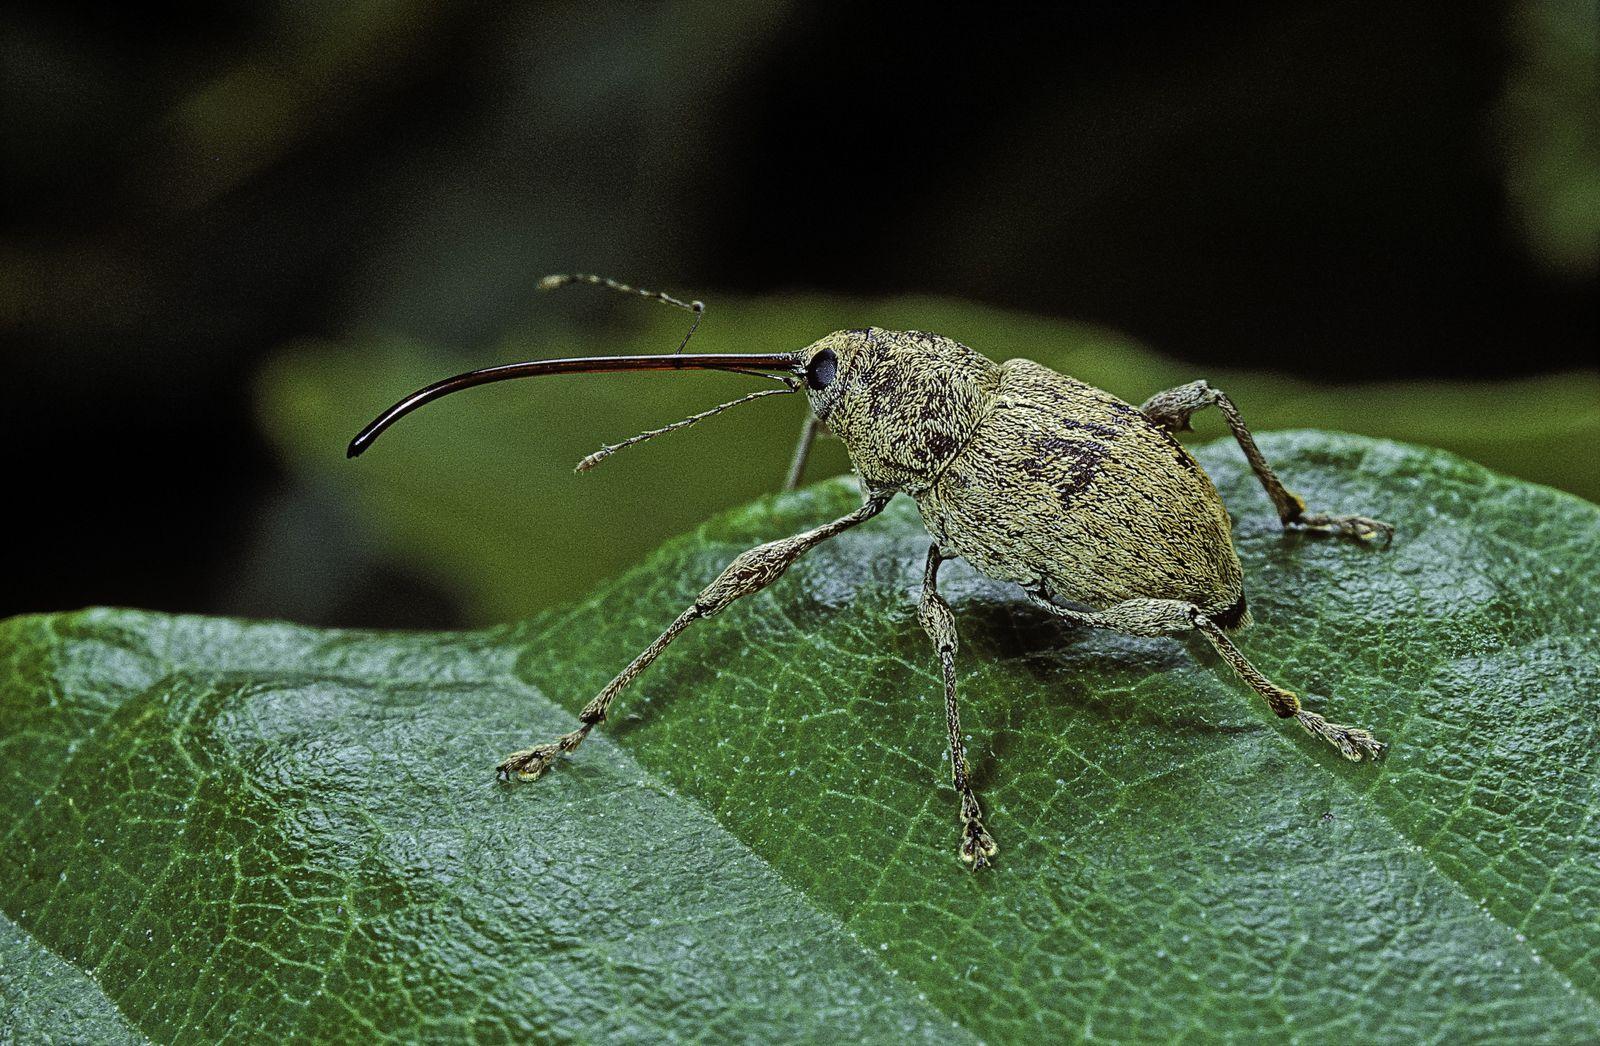 NICHT MEHR VERWENDEN! - Klimawandel/ Insekten/ Wanze